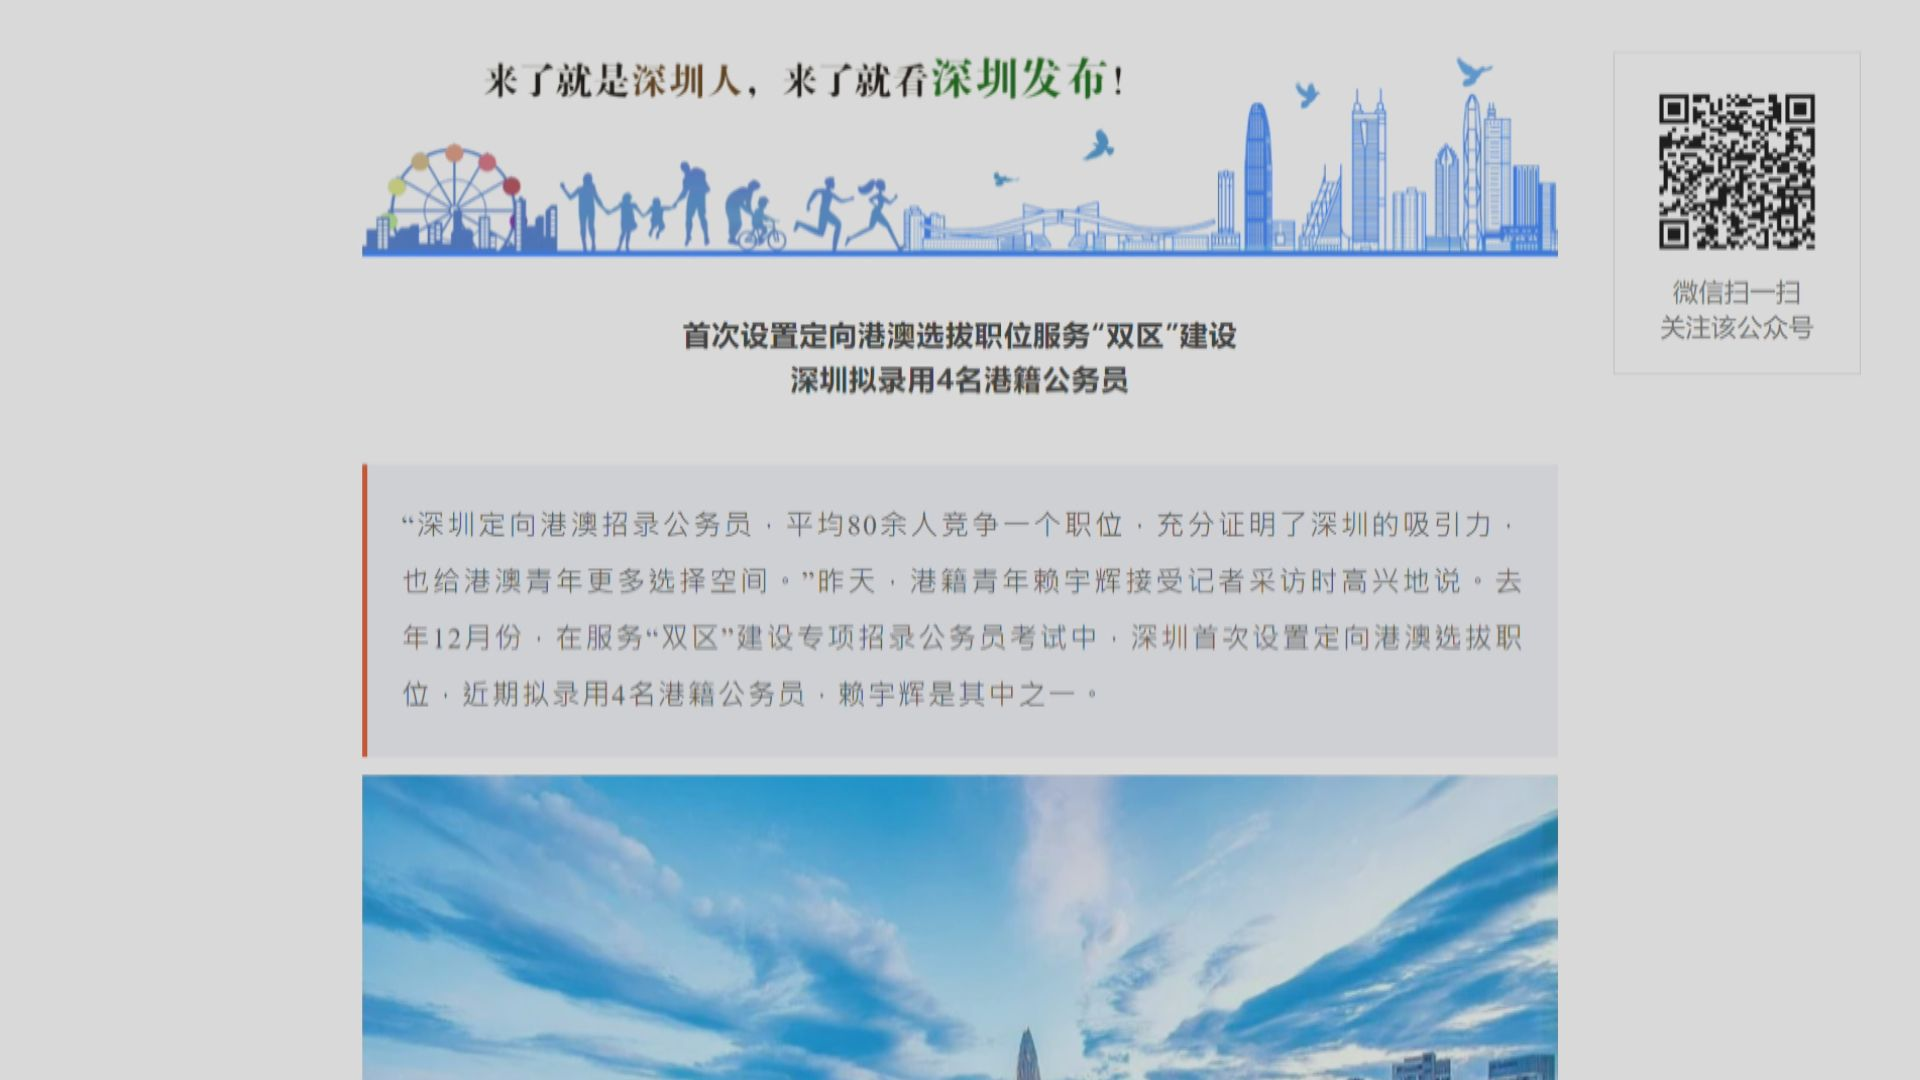 深圳計劃錄用4名港人任公務員 形容具破冰意味